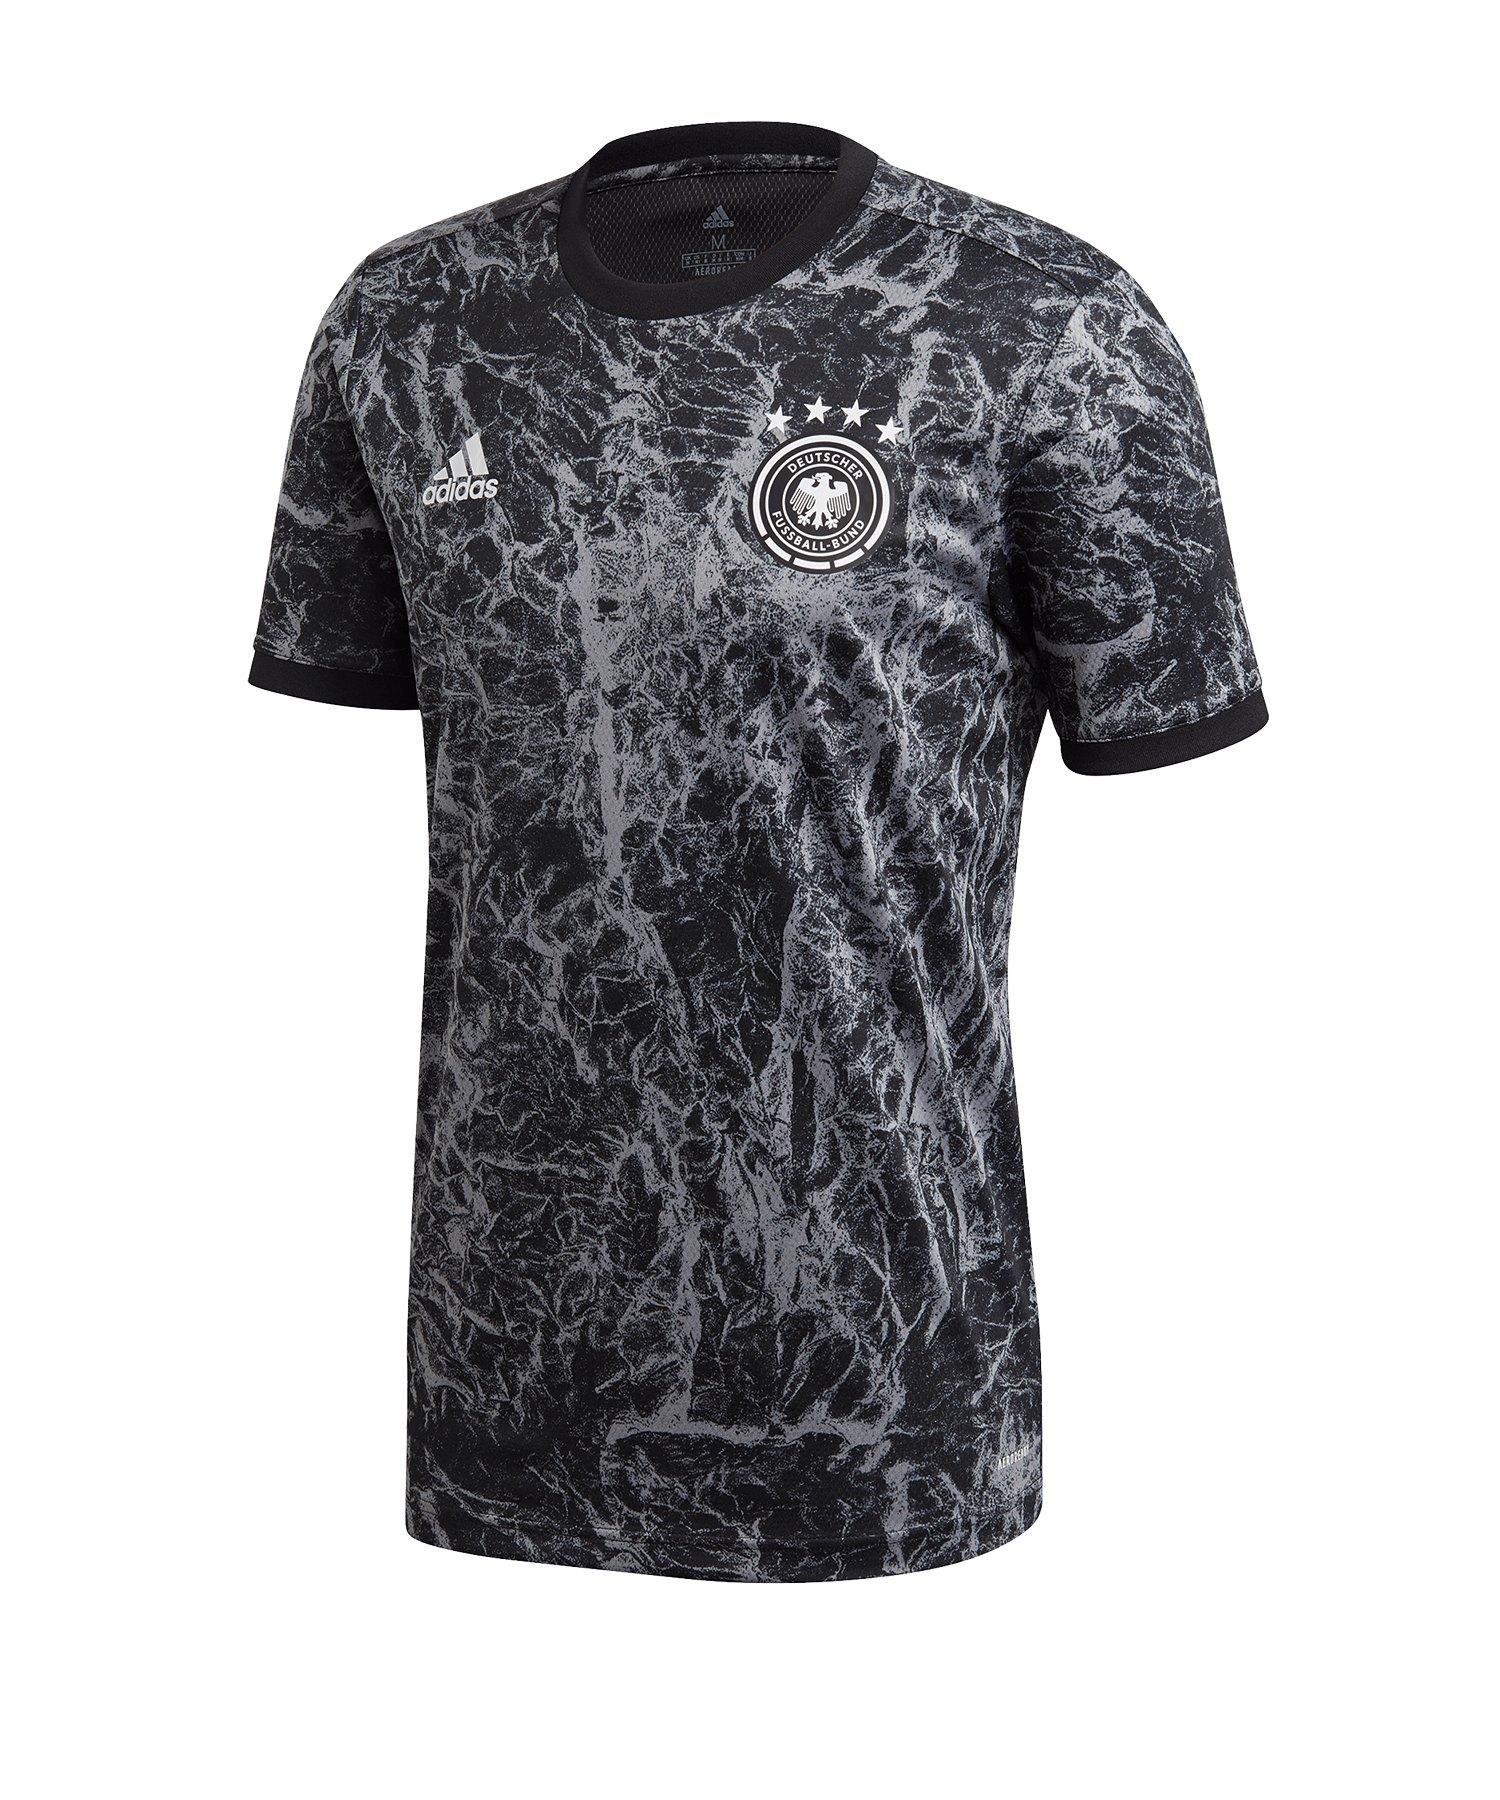 adidas DFB Deutschland Prematch Shirt EM 2020 Schwarz - schwarz